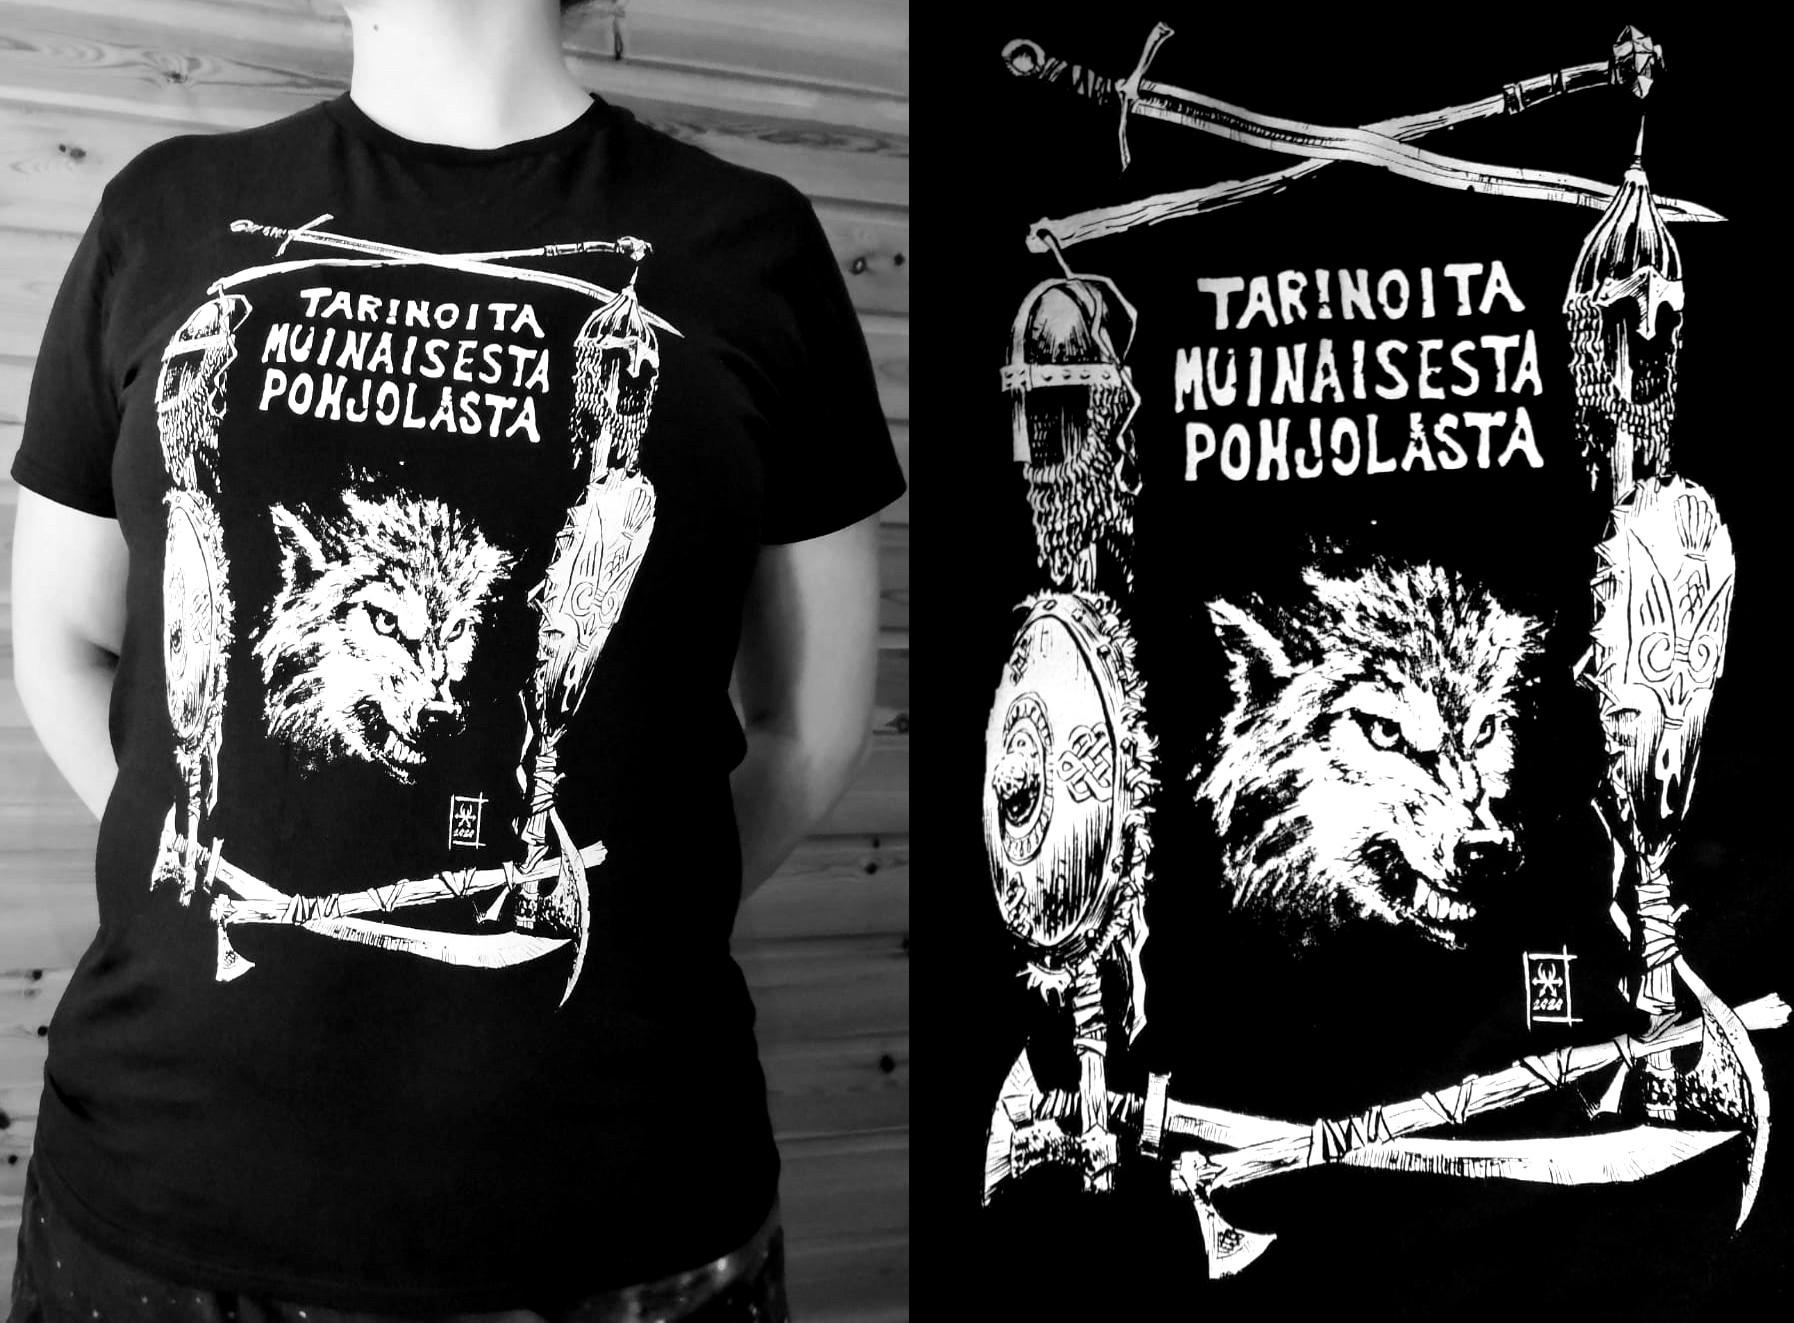 Tarinoita muinaisesta Pohjolasta -t-paita